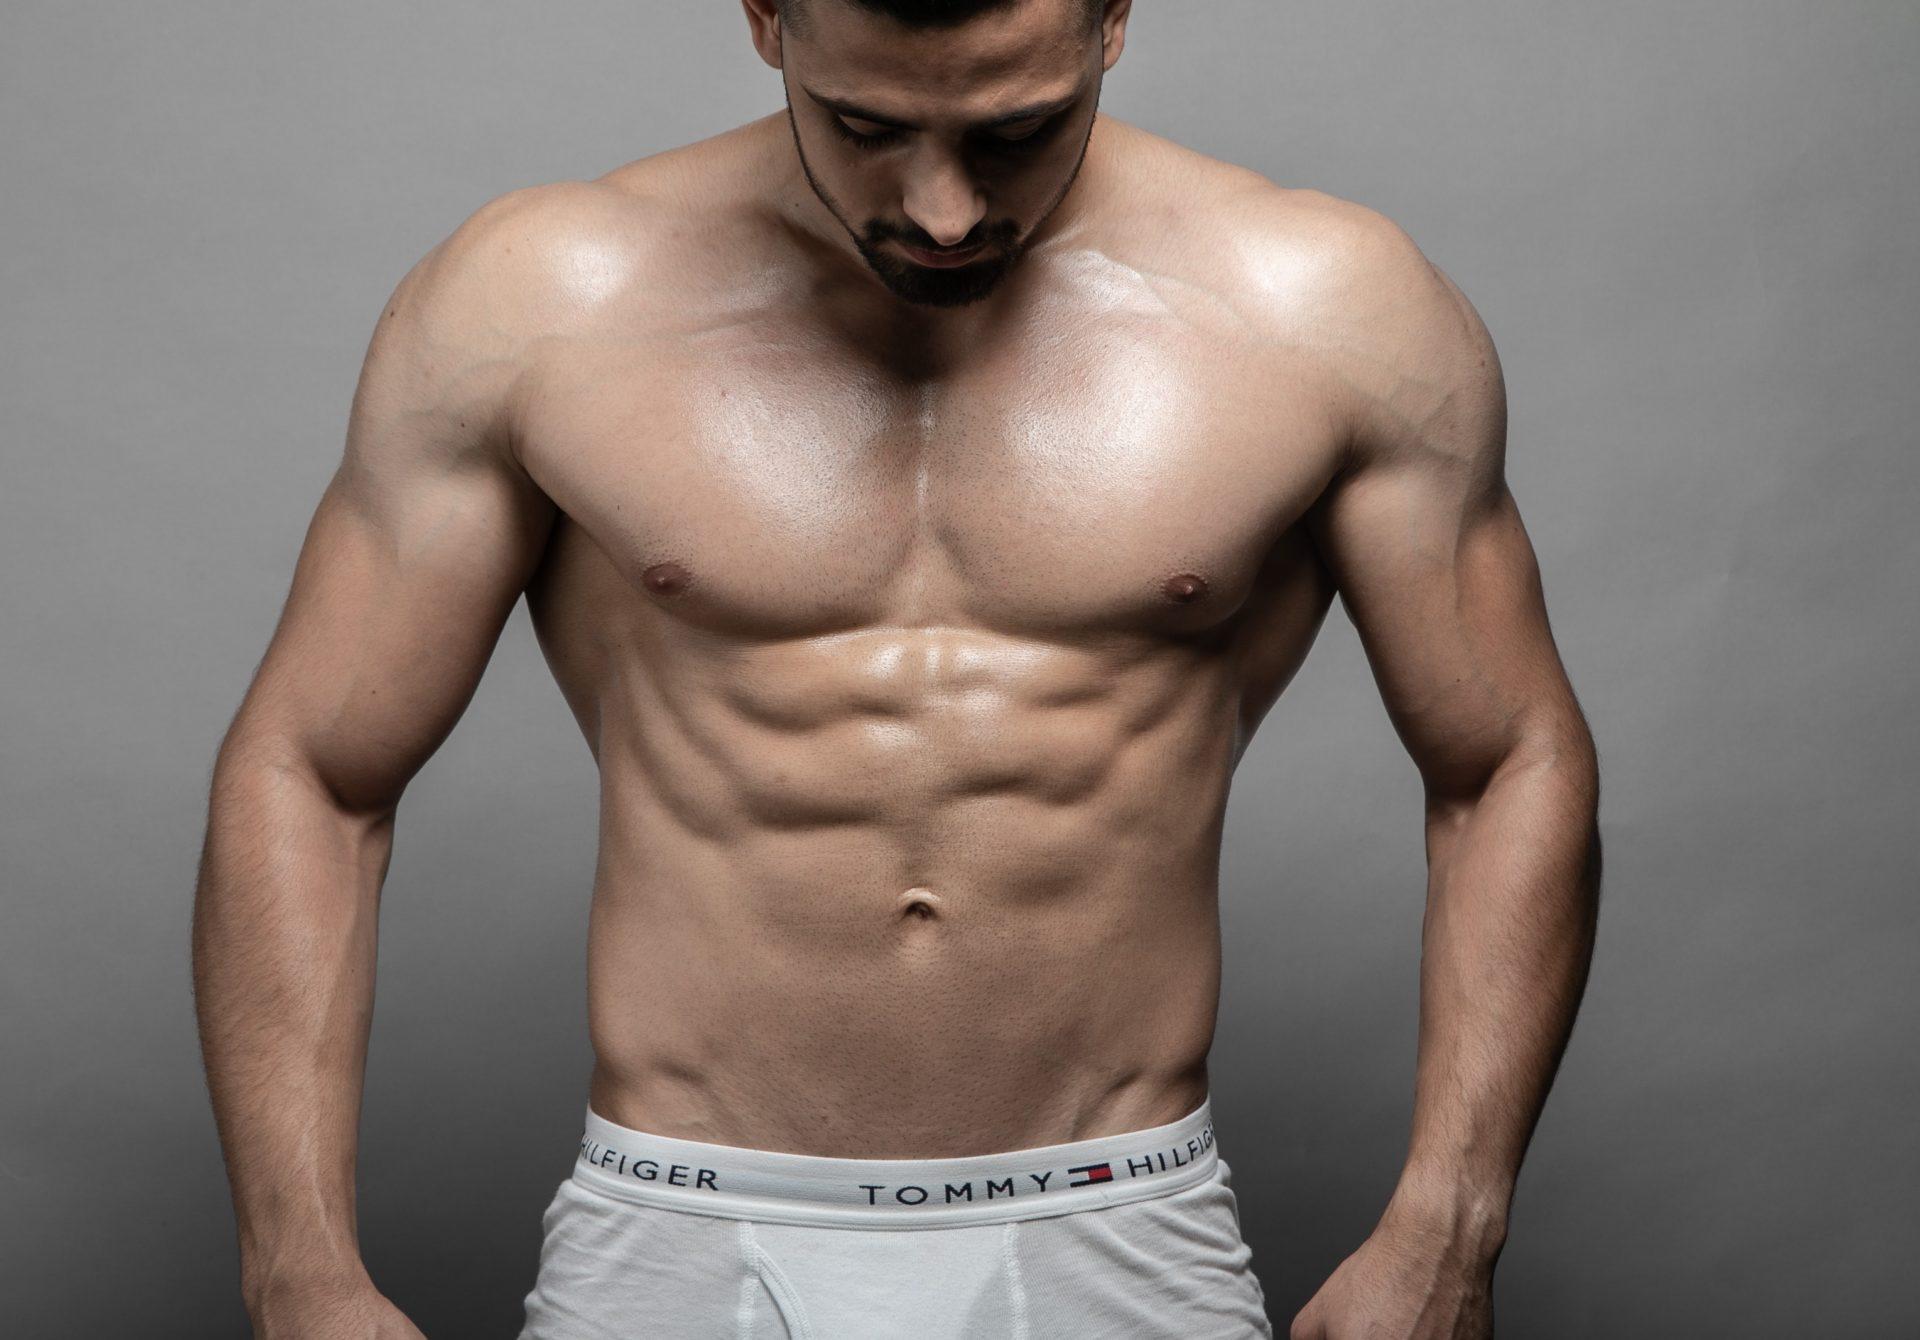 細マッチョで鍛えるべき部位は胸筋と腹筋